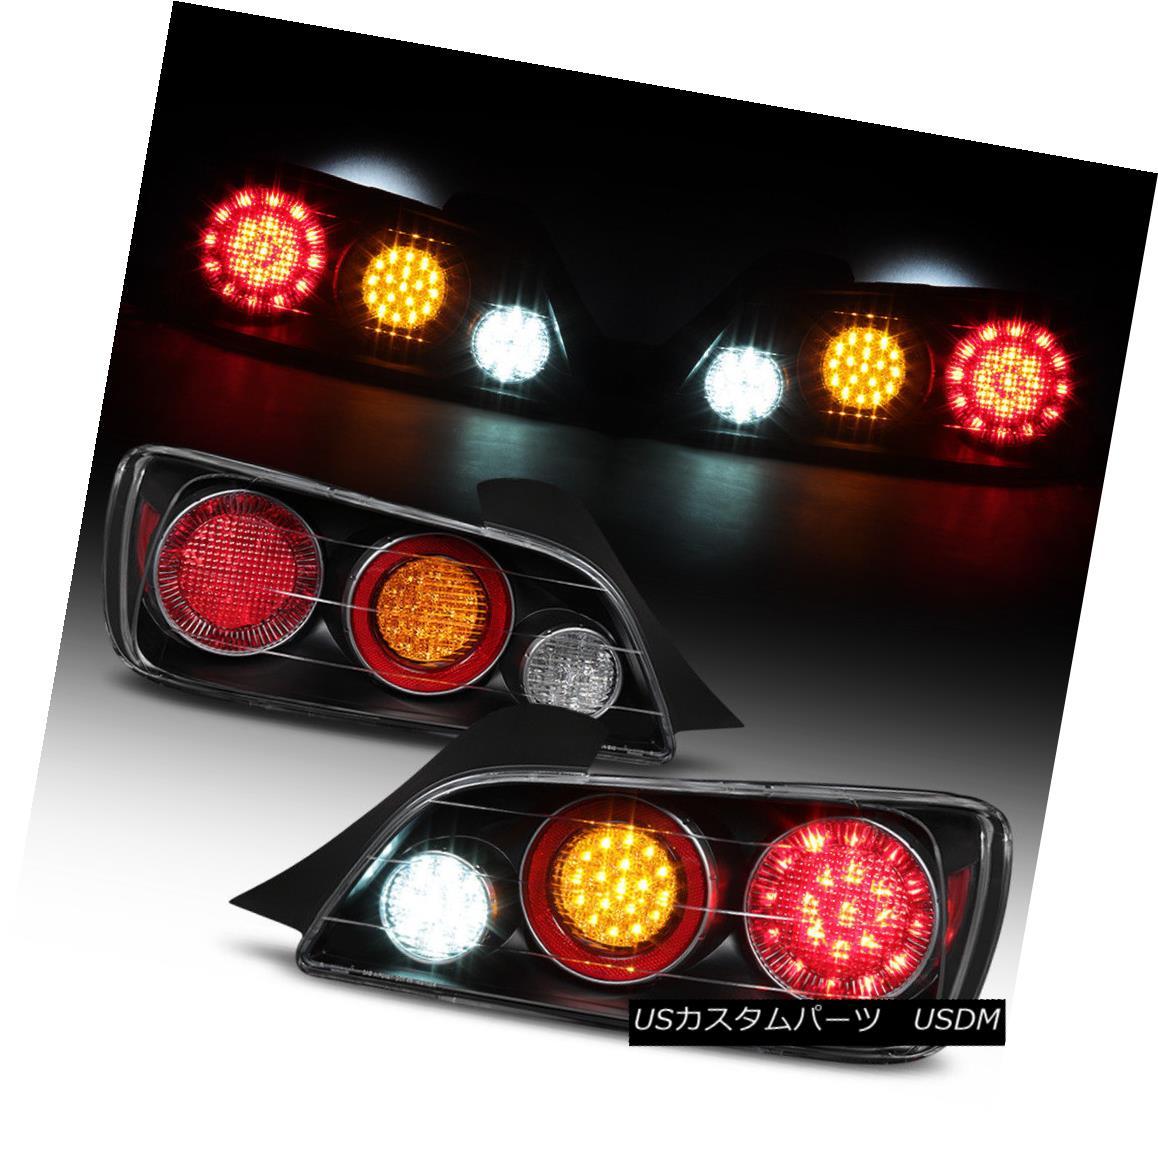 テールライト For 2000 2001 2002 2003 Honda S2000 Full LED Tail Lights Brake Lamps Left+Right 2000 2001 2002 Honda S2000フルLEDテールライトブレーキランプ左+右